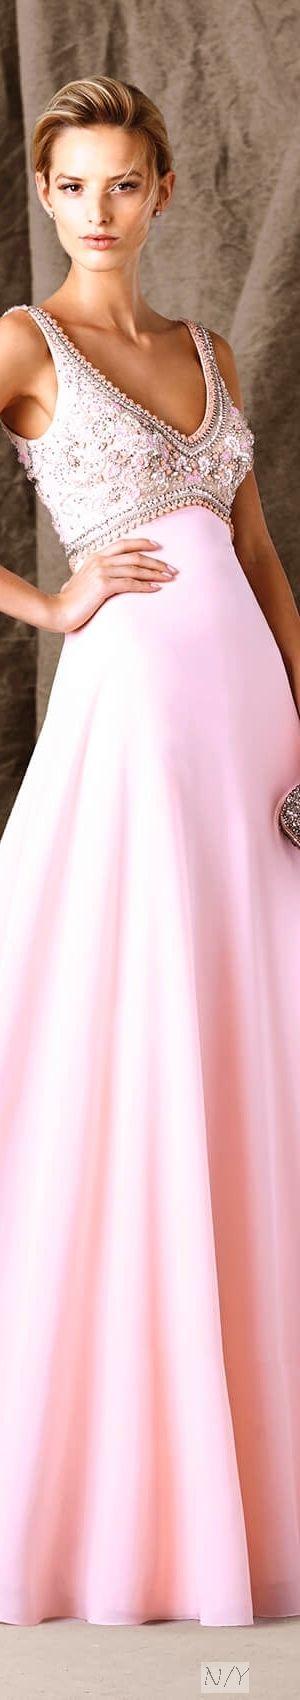 Mejores 151 imágenes de Pronovias en Pinterest | Vestidos bonitos ...